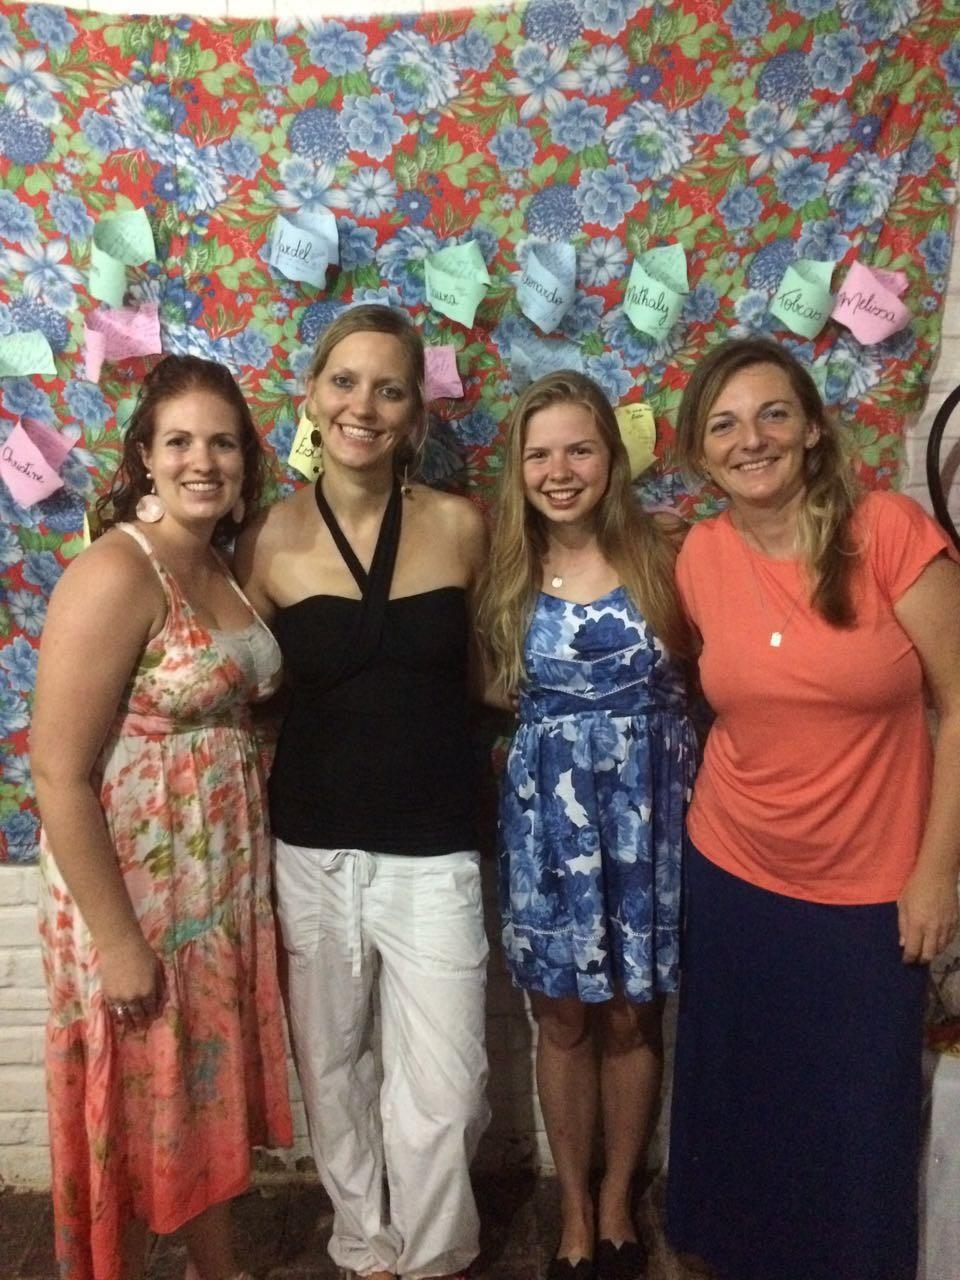 3. SpecialDinner: Fotosession mit Shawna & Melissa aus Kanada und Christine aus Deutschland